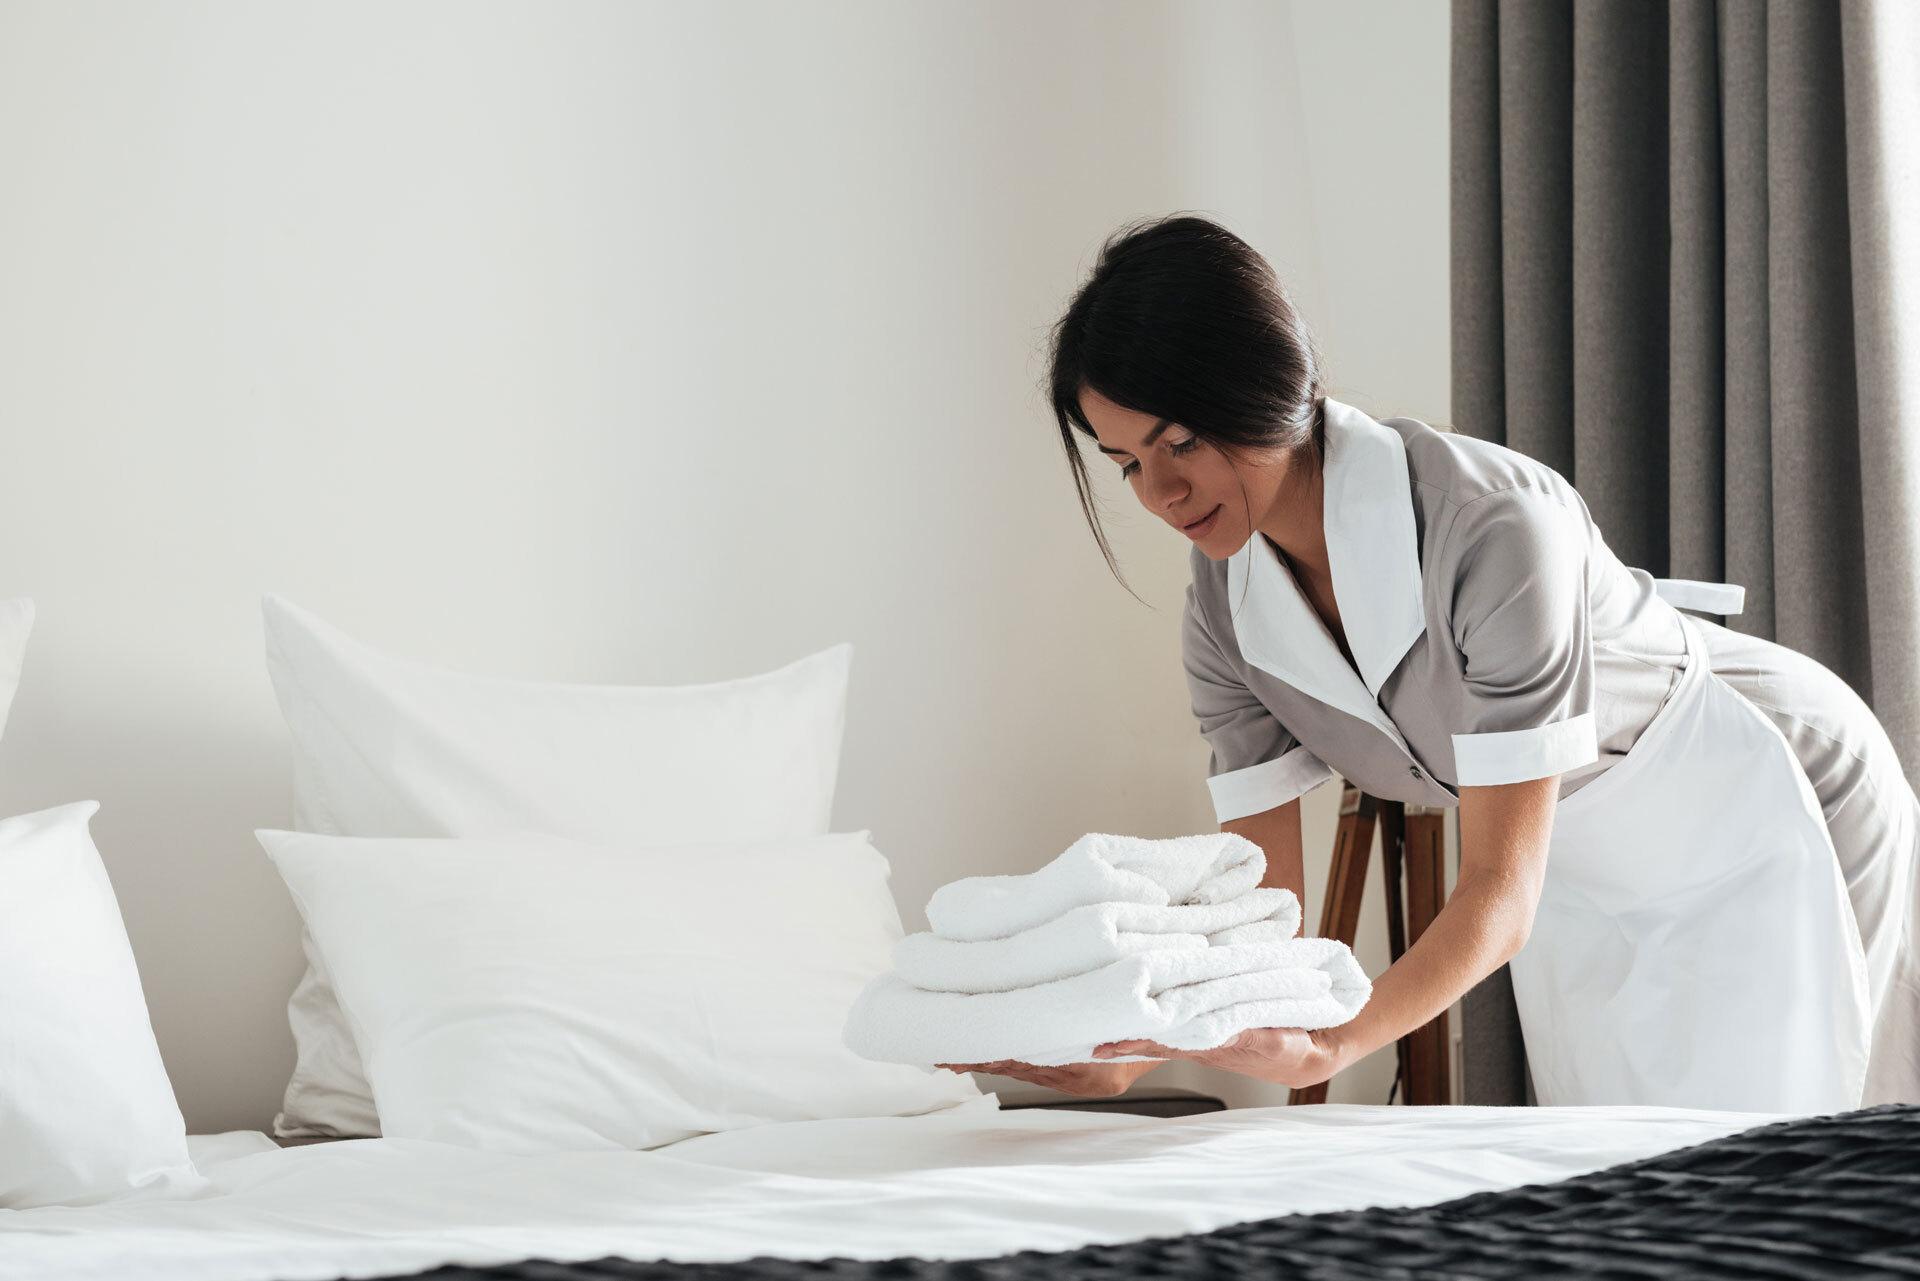 housekeeping job